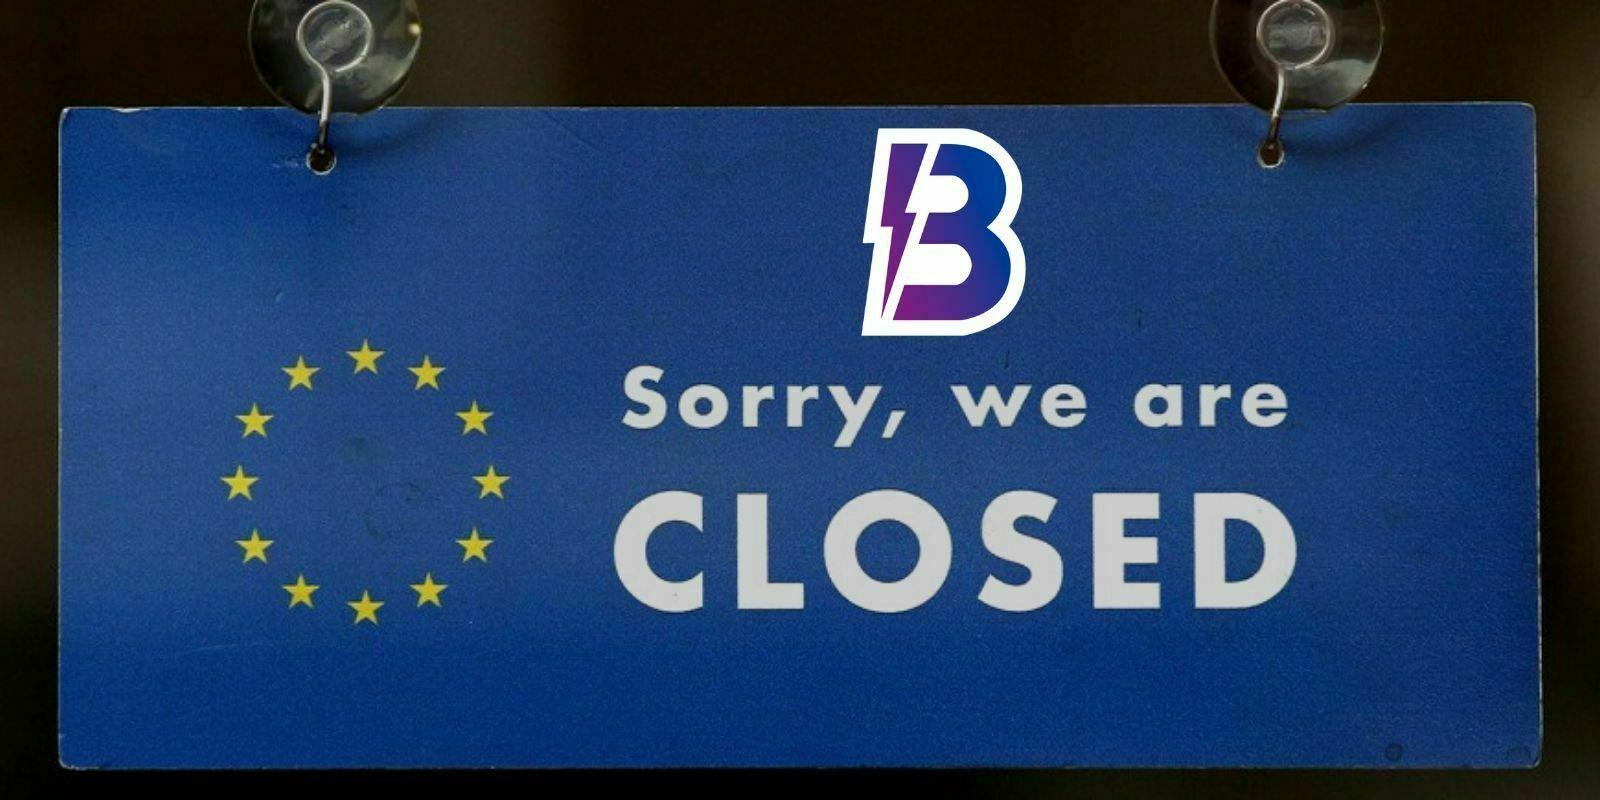 Bottle Pay ferme ses portes en raison de la nouvelle directive de l'UE sur la lutte contre le blanchiment d'argent